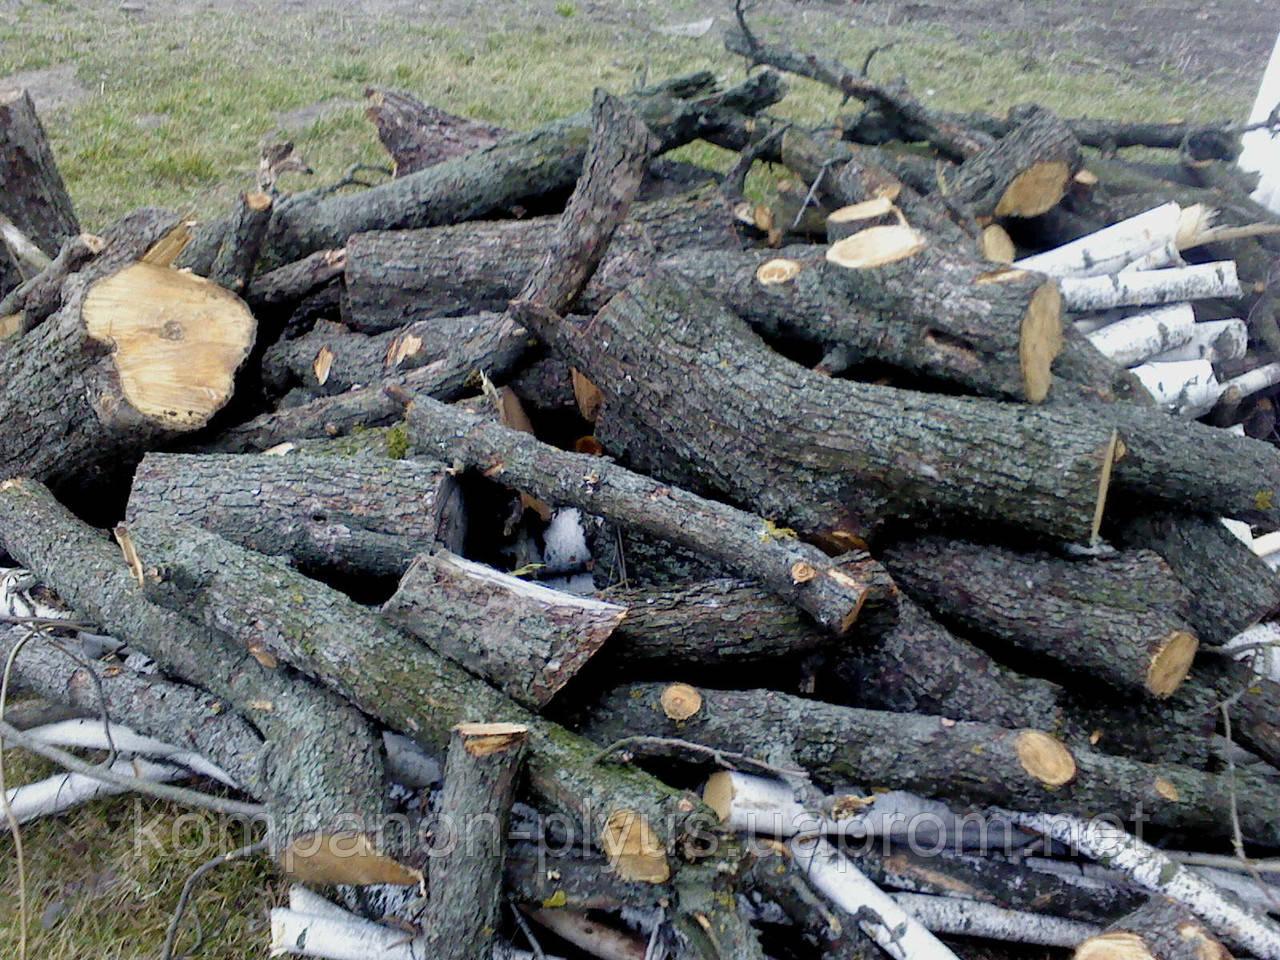 Удаление сада. Спил плодового сада. Валка фруктовых деревьев. Срезание деревьев в саду.